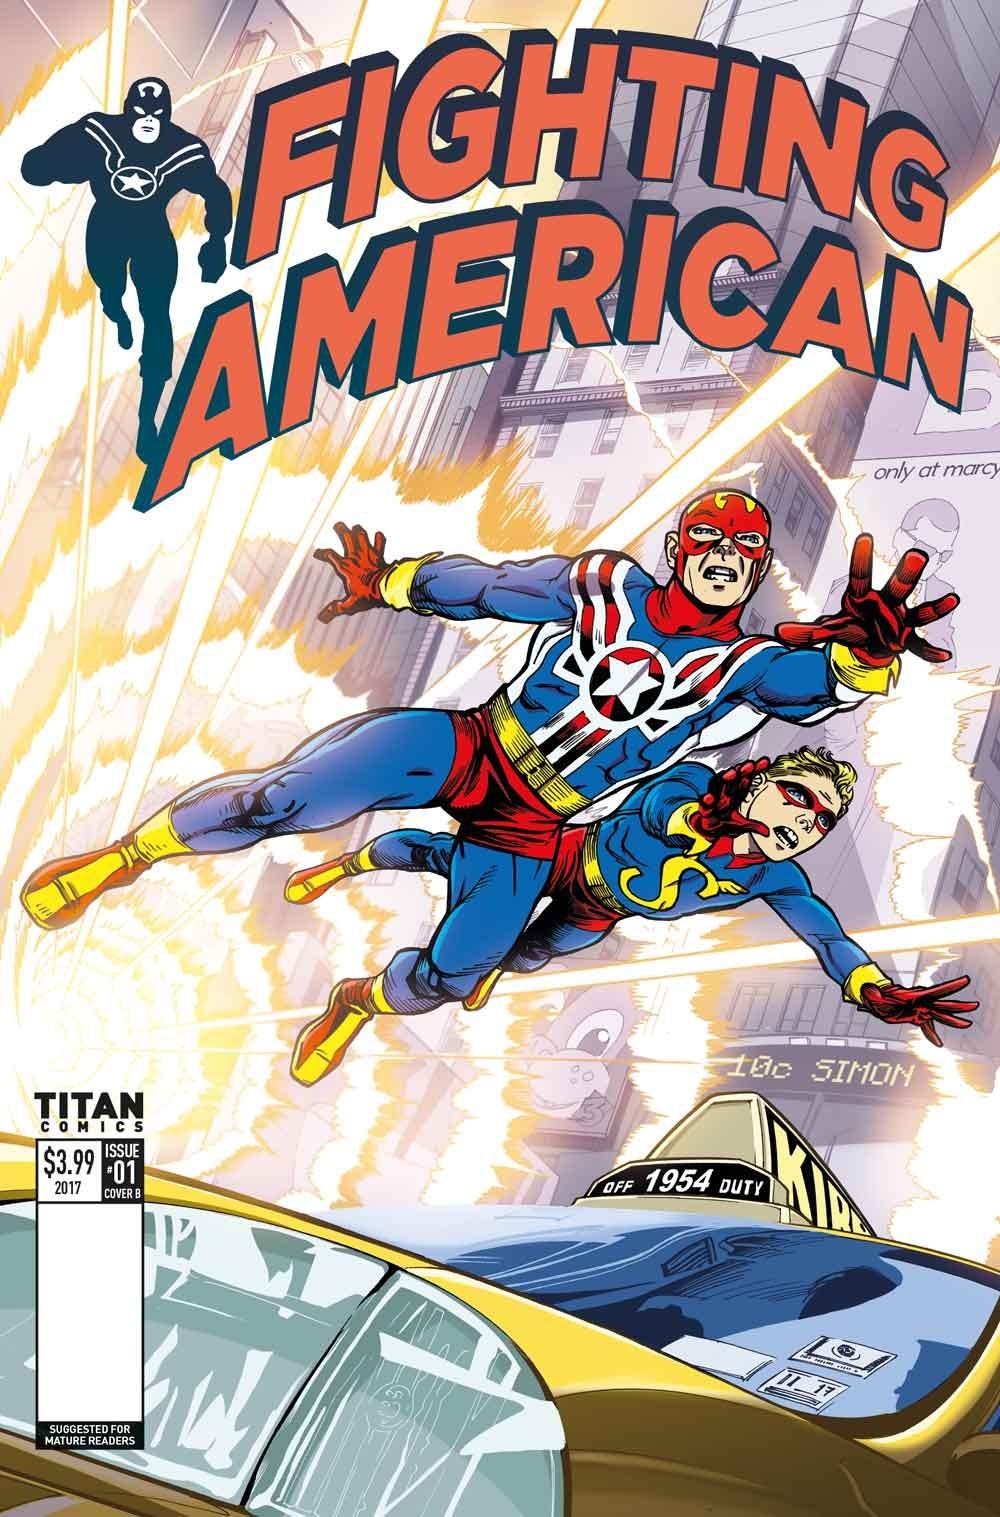 First Look: Fighting American #1 by Rennie & Mighten (Titan)